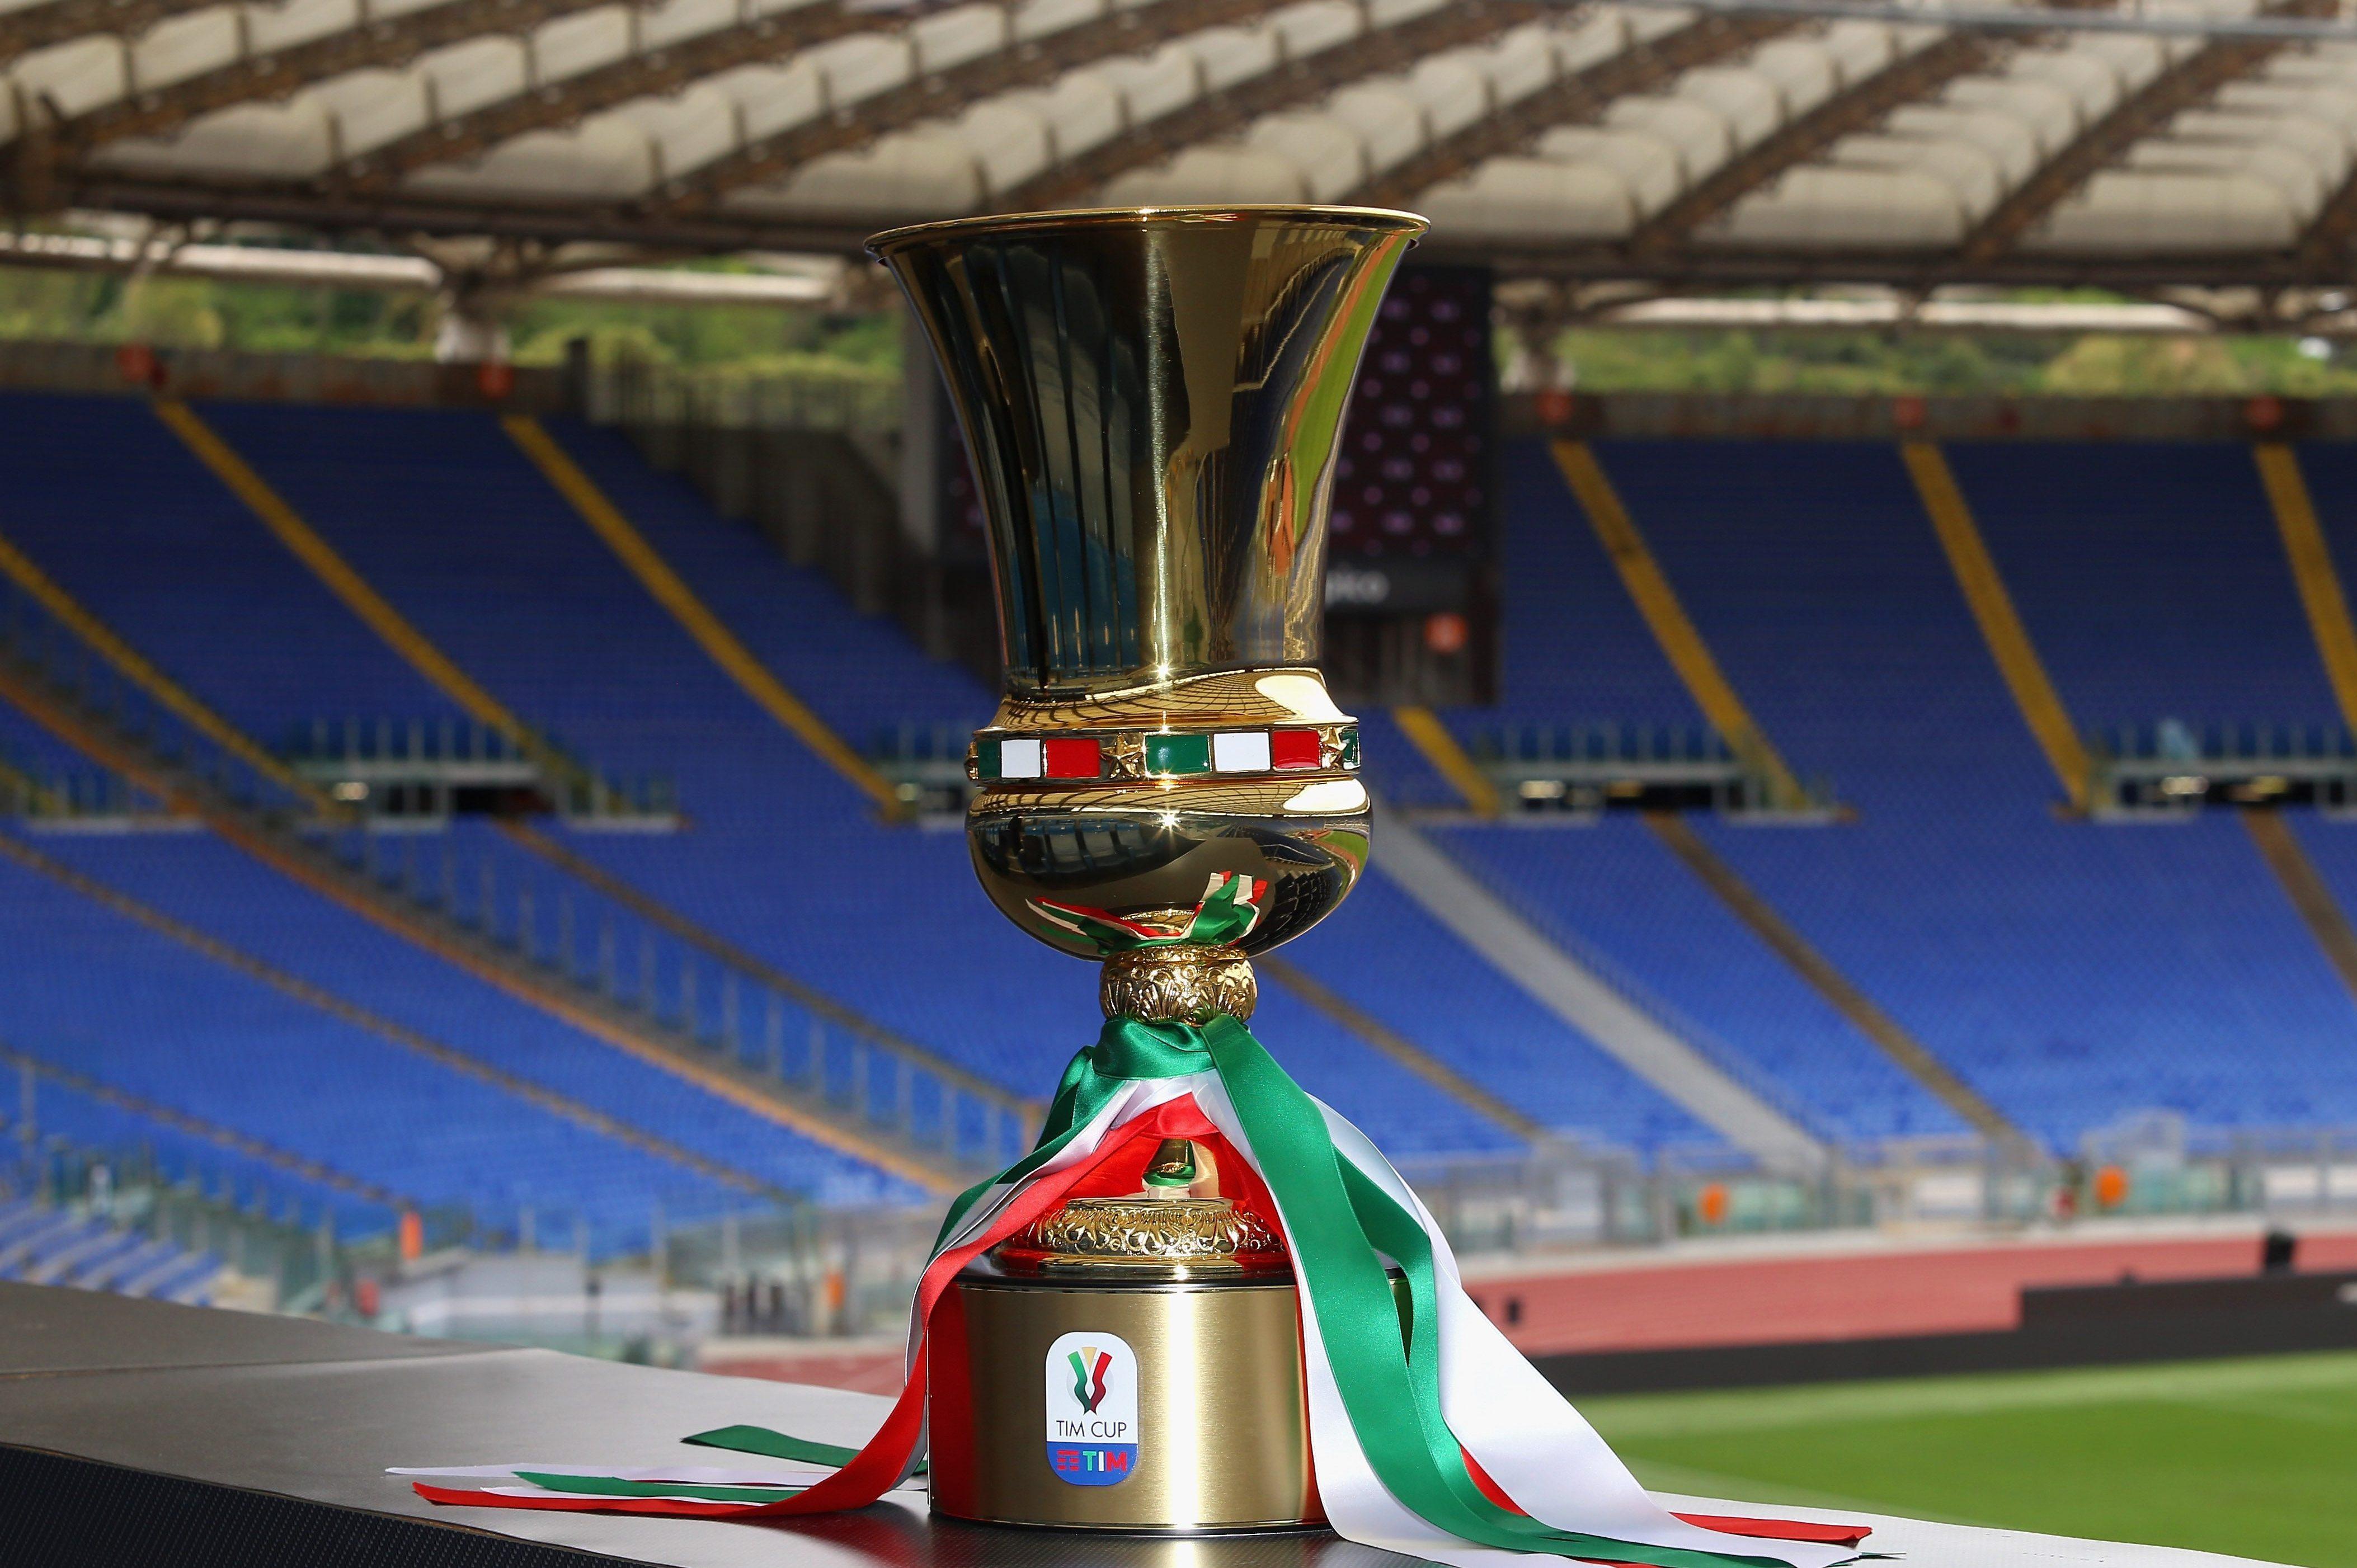 Tabellone Coppa Italia 2019/2020: Napoli-Lazio, via ai quarti (con vista  sulle semifinali)